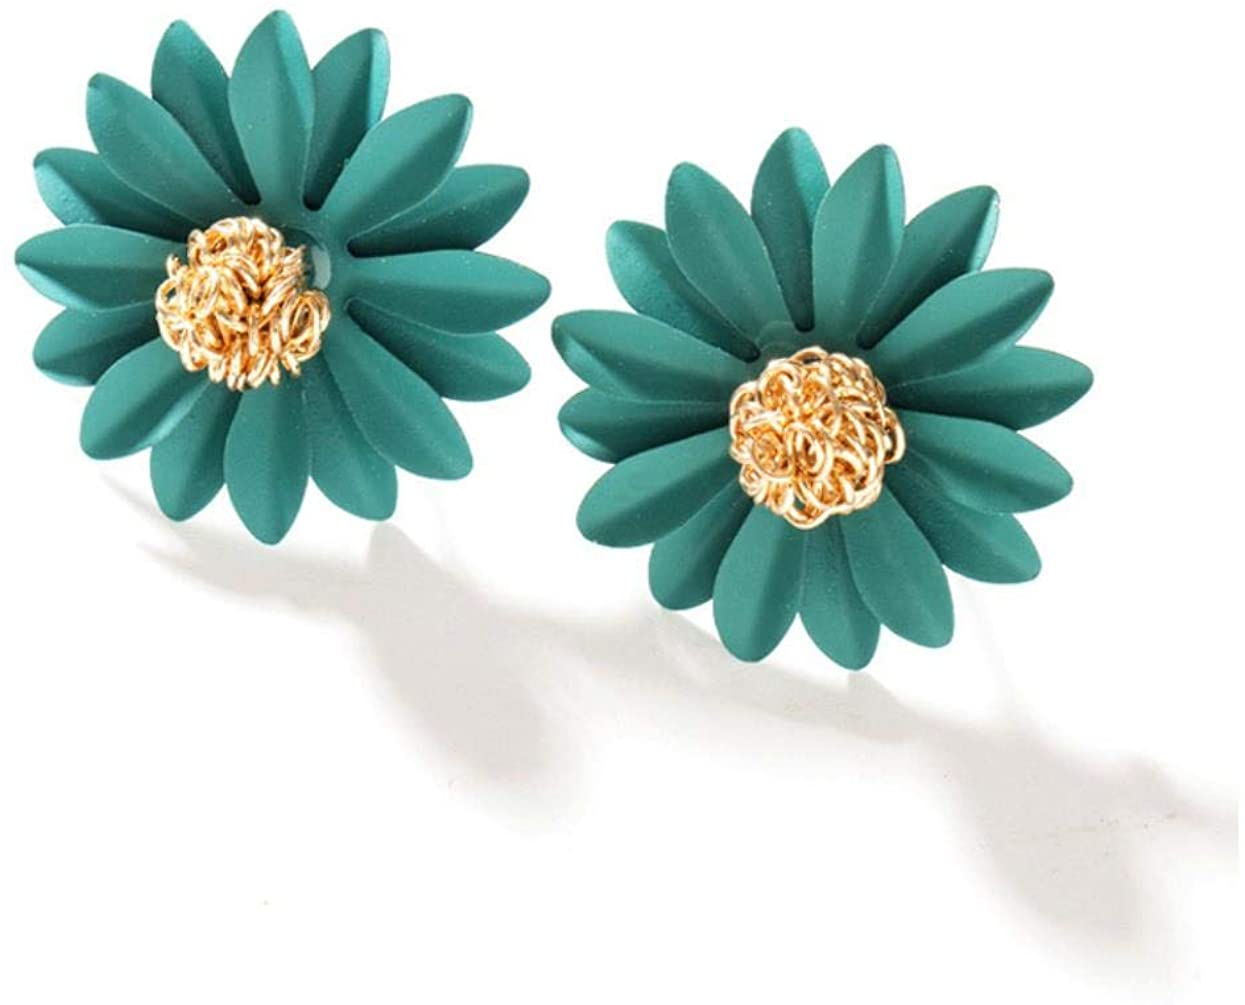 Bohemian gold flower bud earrings, stylish metallic matte earrings with large floral earrings for female wedding jewelry girls